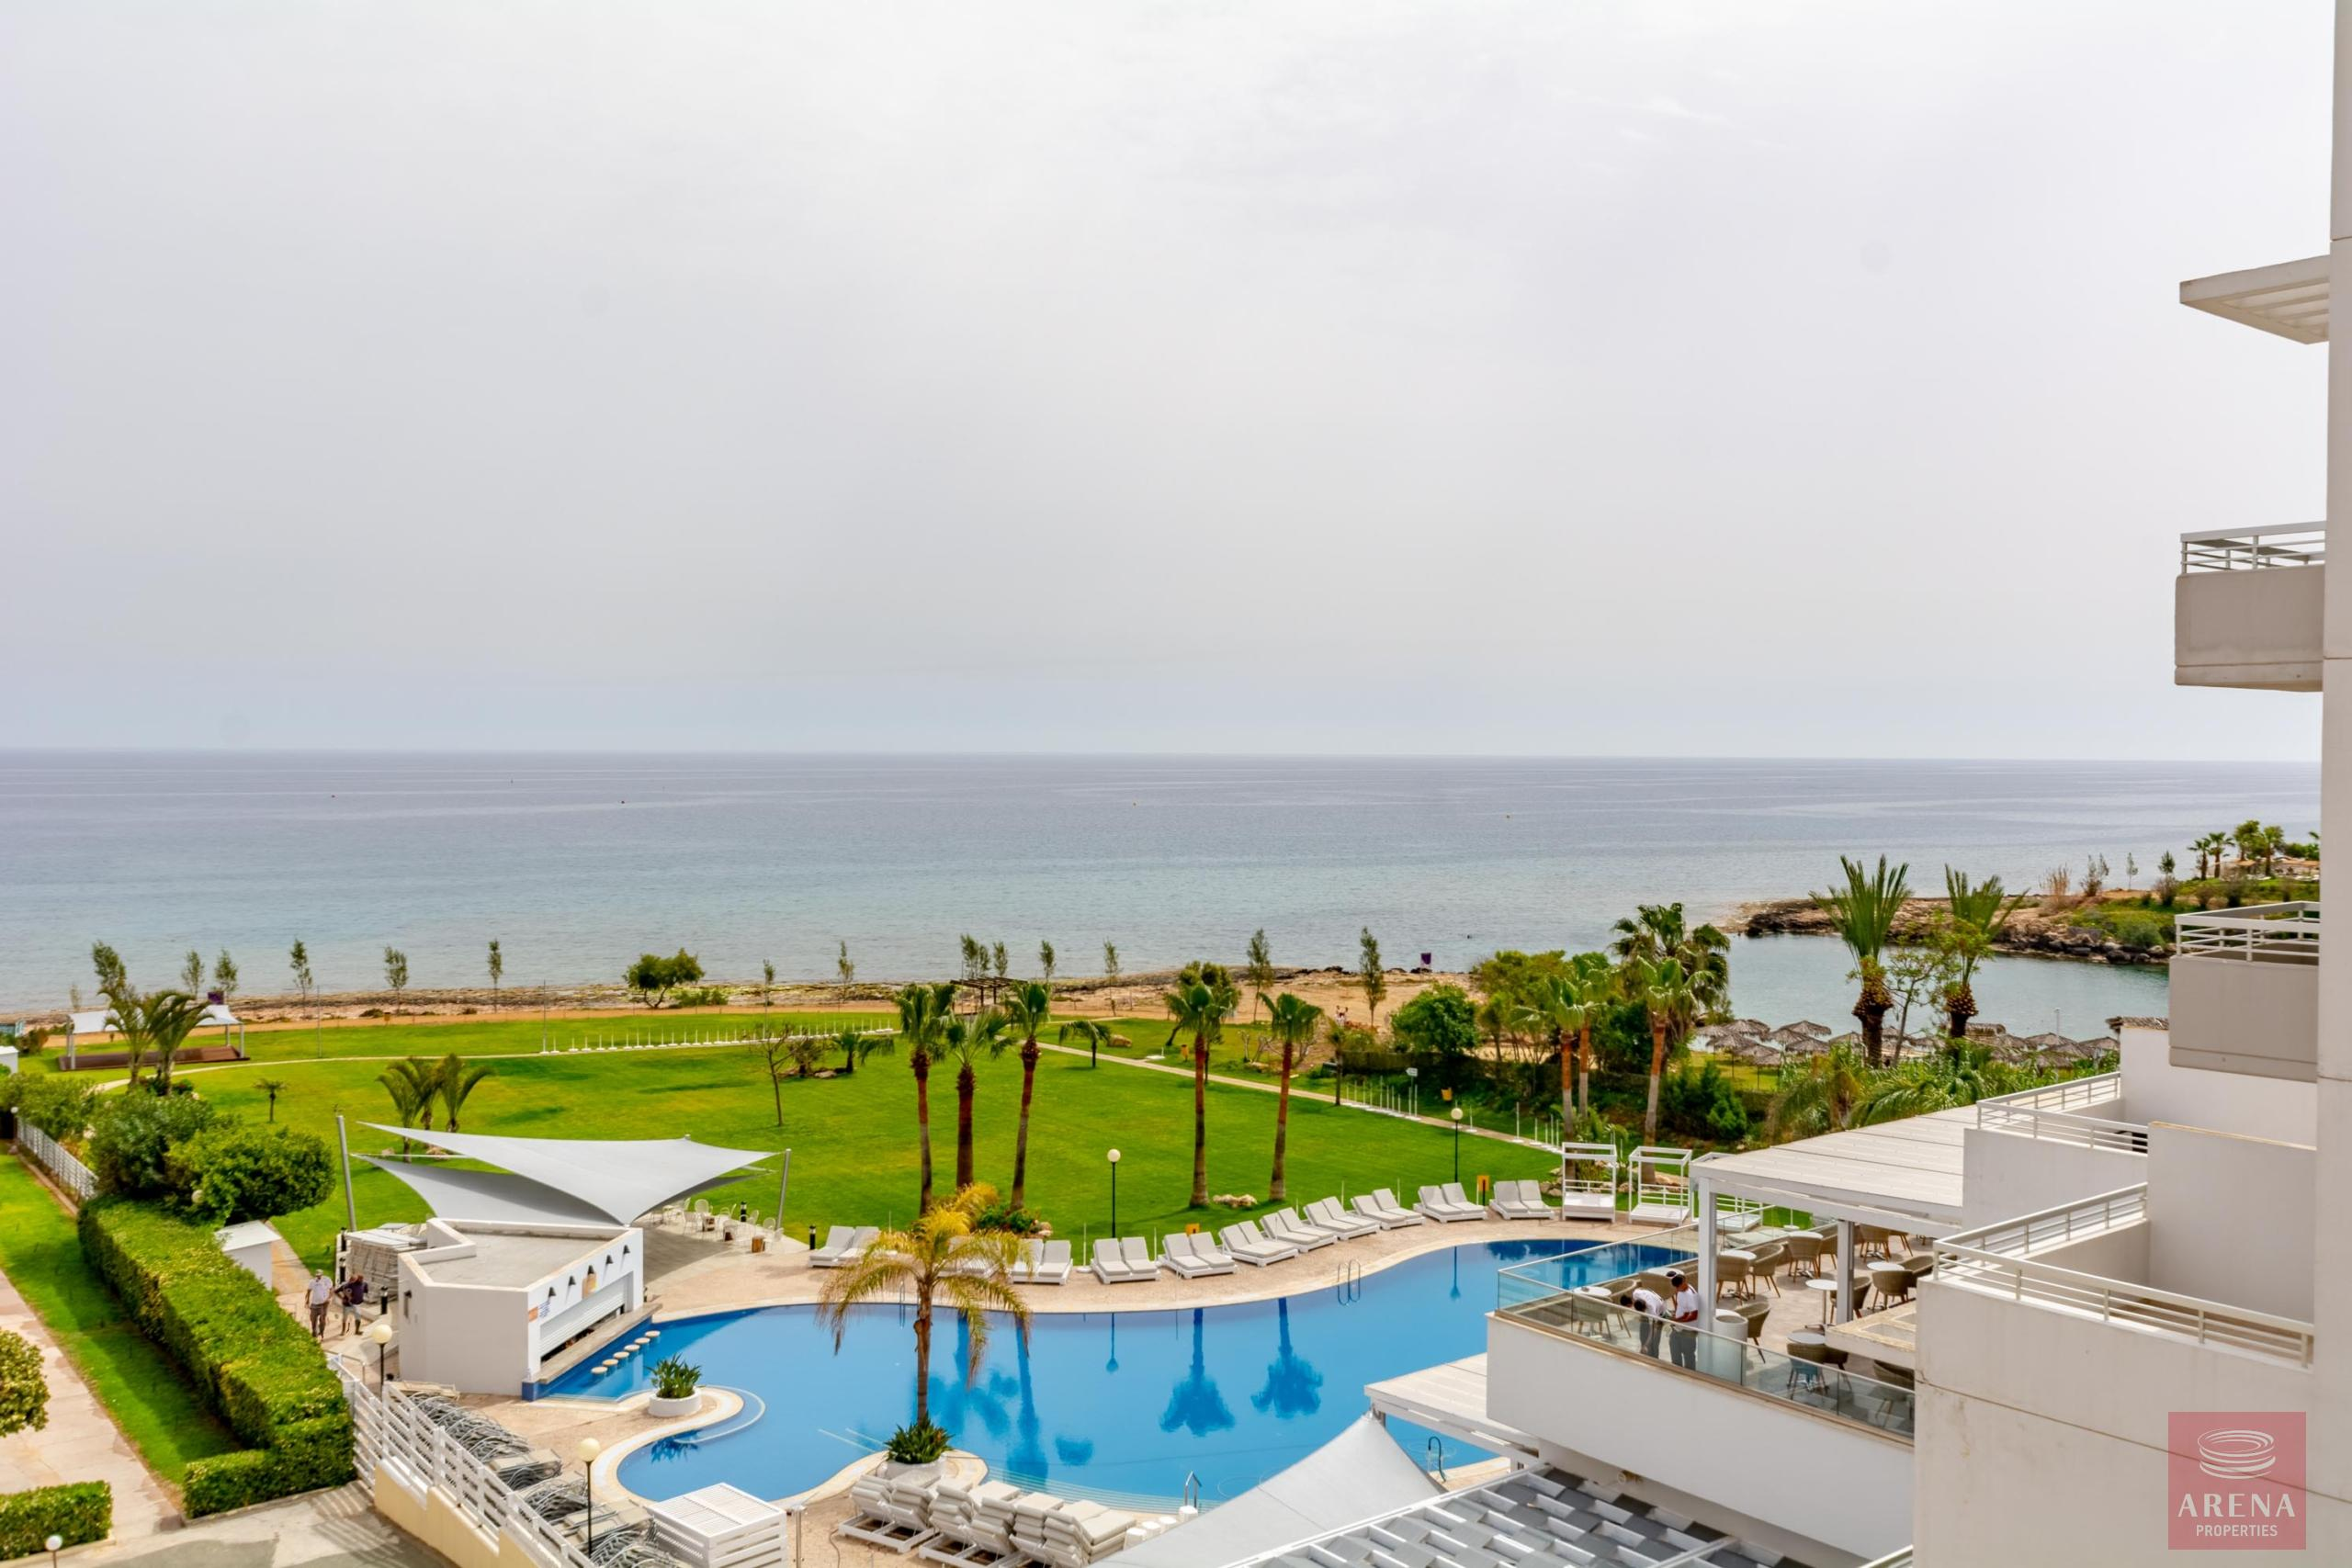 Apartment in Ayia Triada - views